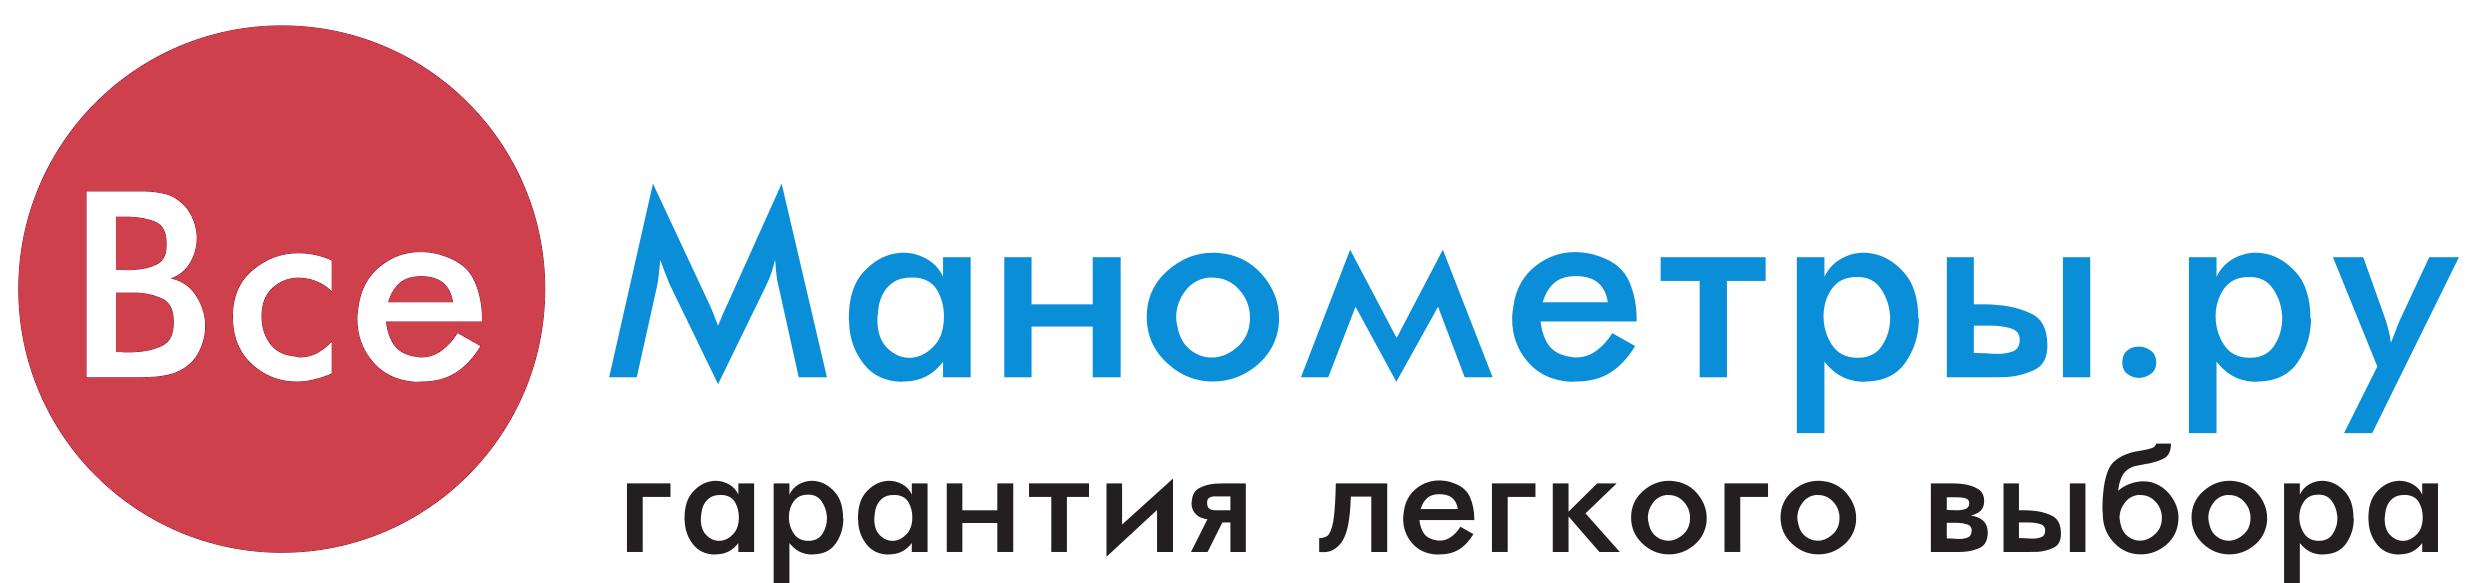 ВсеМанометры.ру